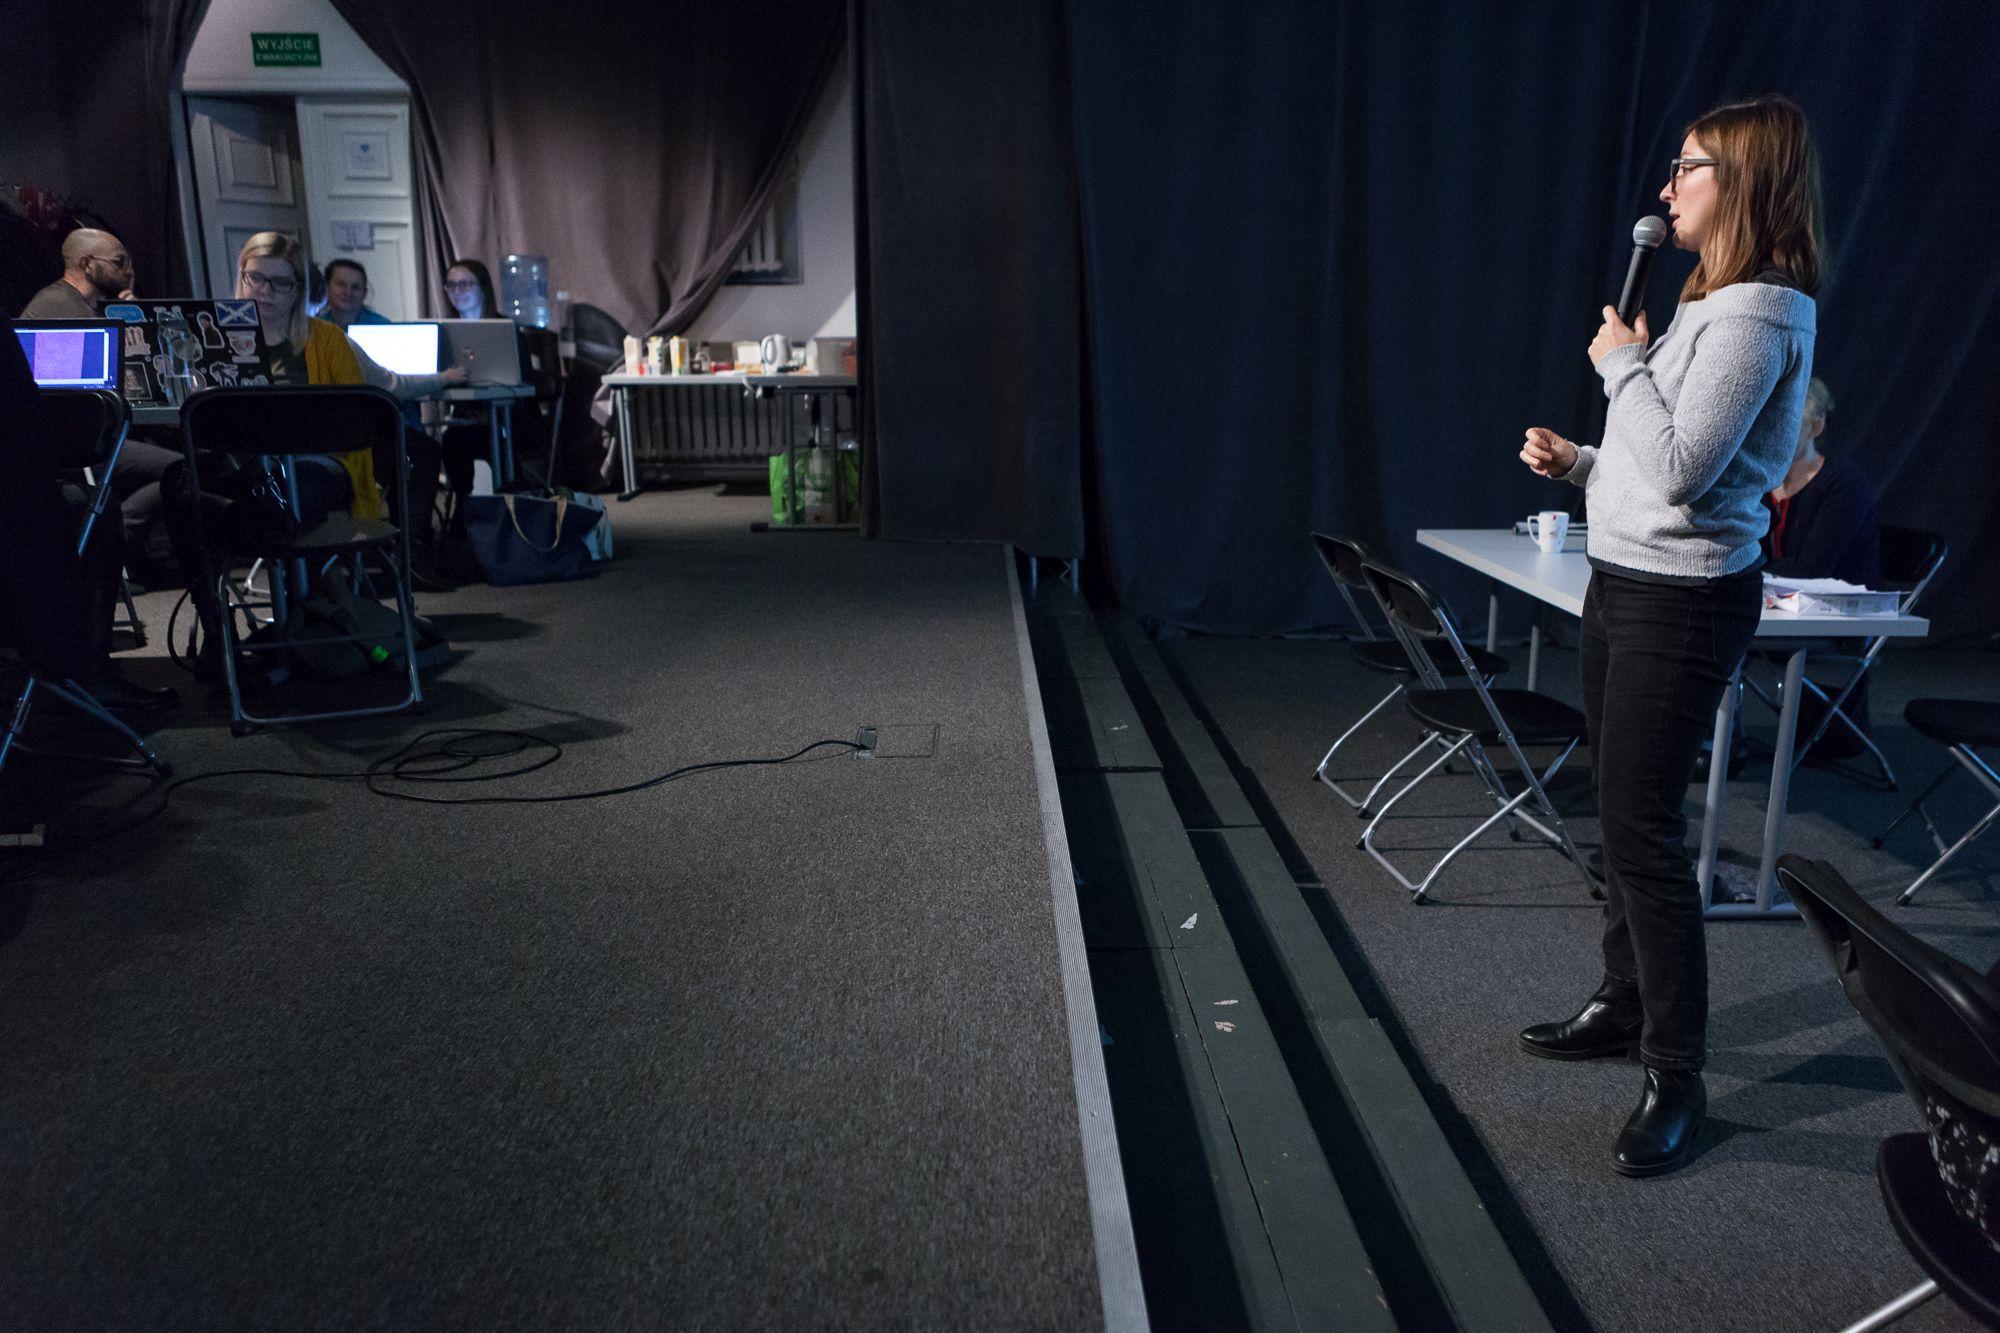 Inkubator Kultury | Audiodeskrypcja  [Szkolenie z audiodeskrypcji. Na zdjęciu prowadząca przemawia do zgromadzonych uczestników]